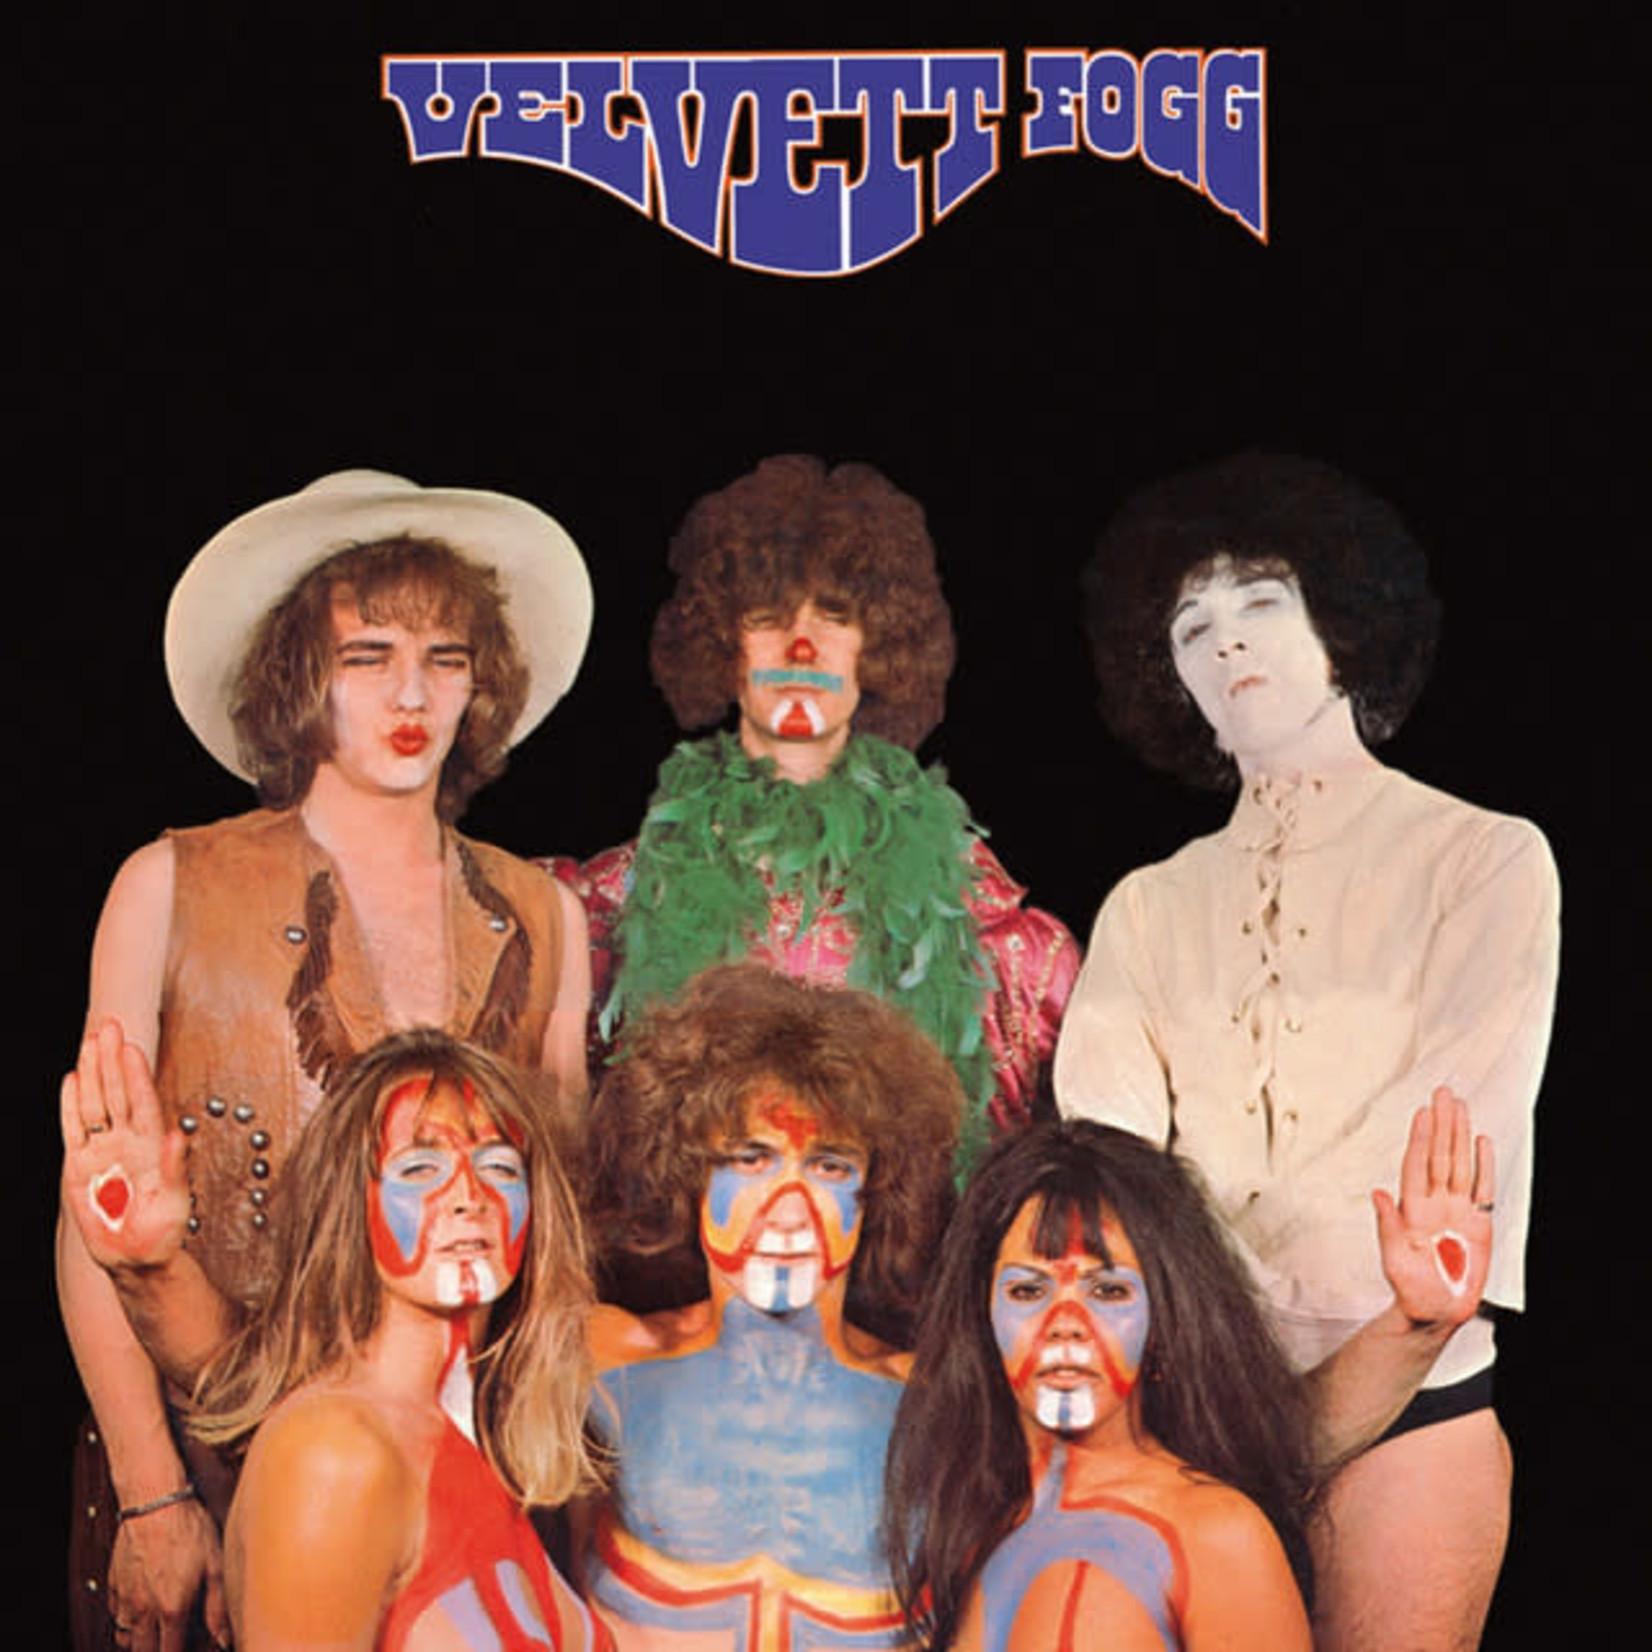 Vinyl Velvett Fogg - S/T